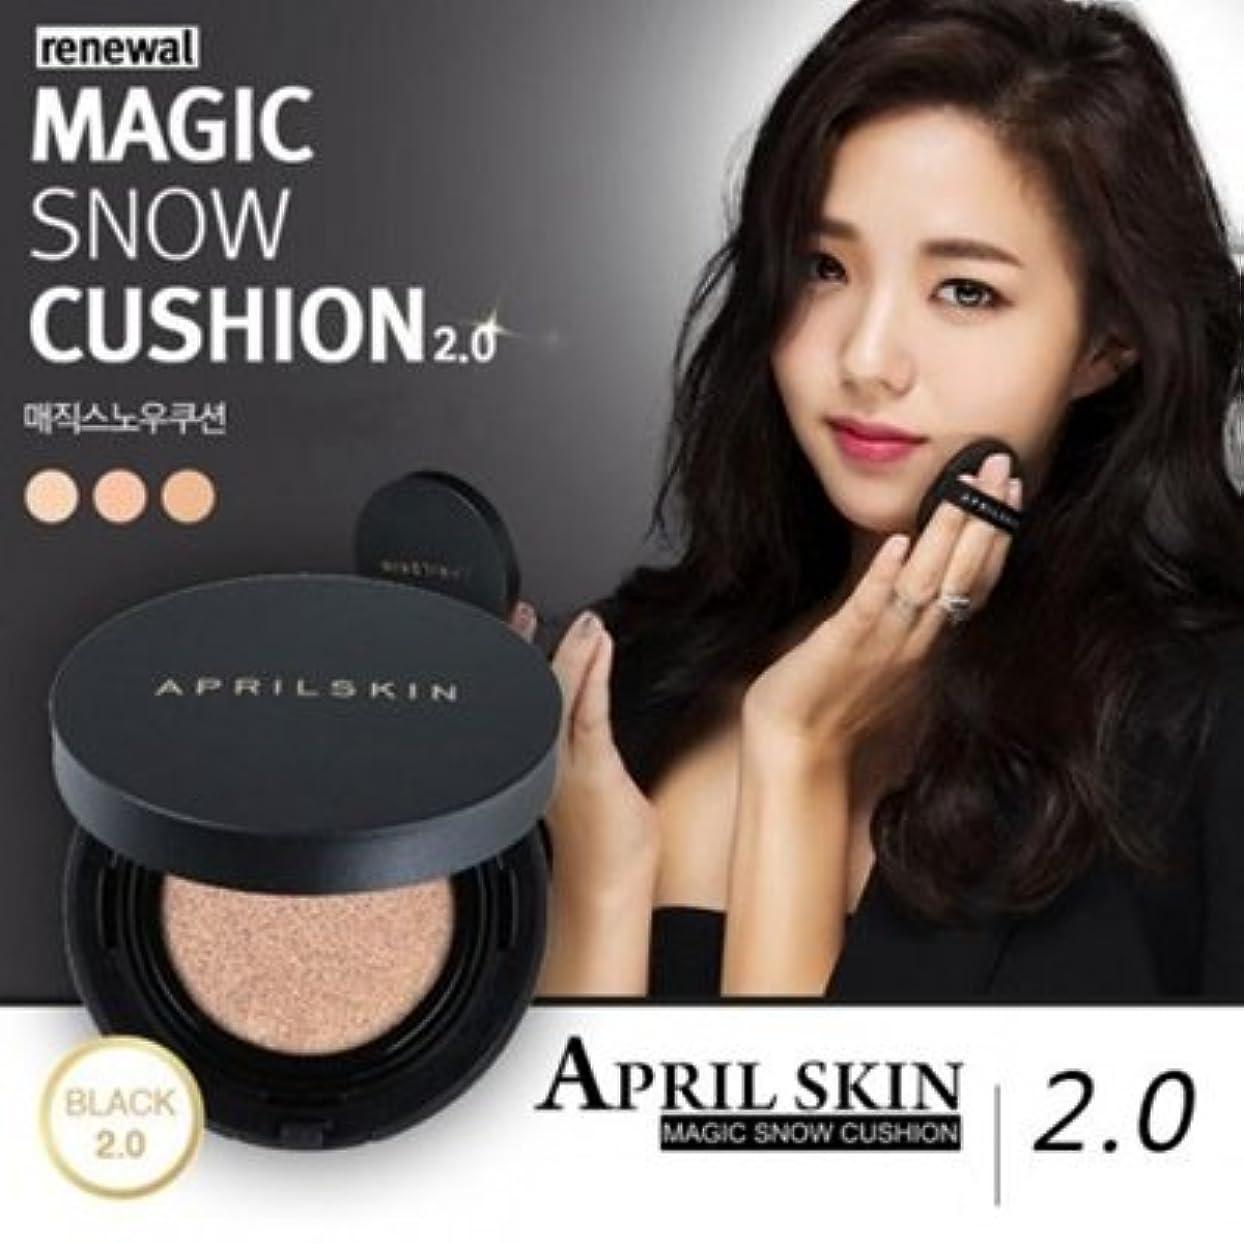 受取人ピアノを弾く雪の[April Skin]韓国クッション部門1位!NEW!!★Magic Snow Cushion Black 2.0★/w Gift Sample (#22 Pink Beige) [並行輸入品]